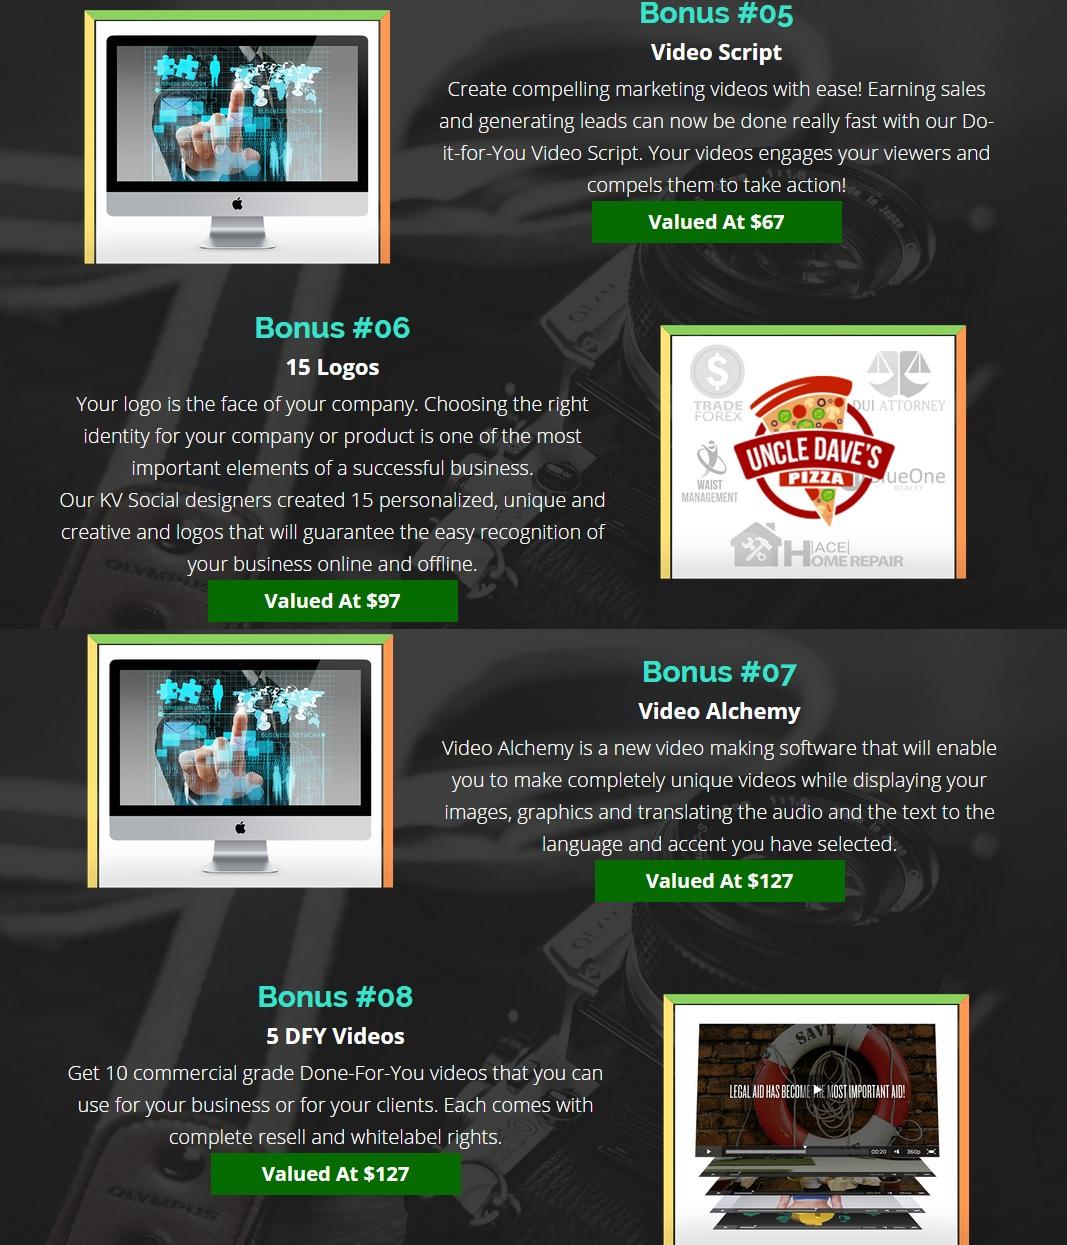 Special Bonus for Video Contest